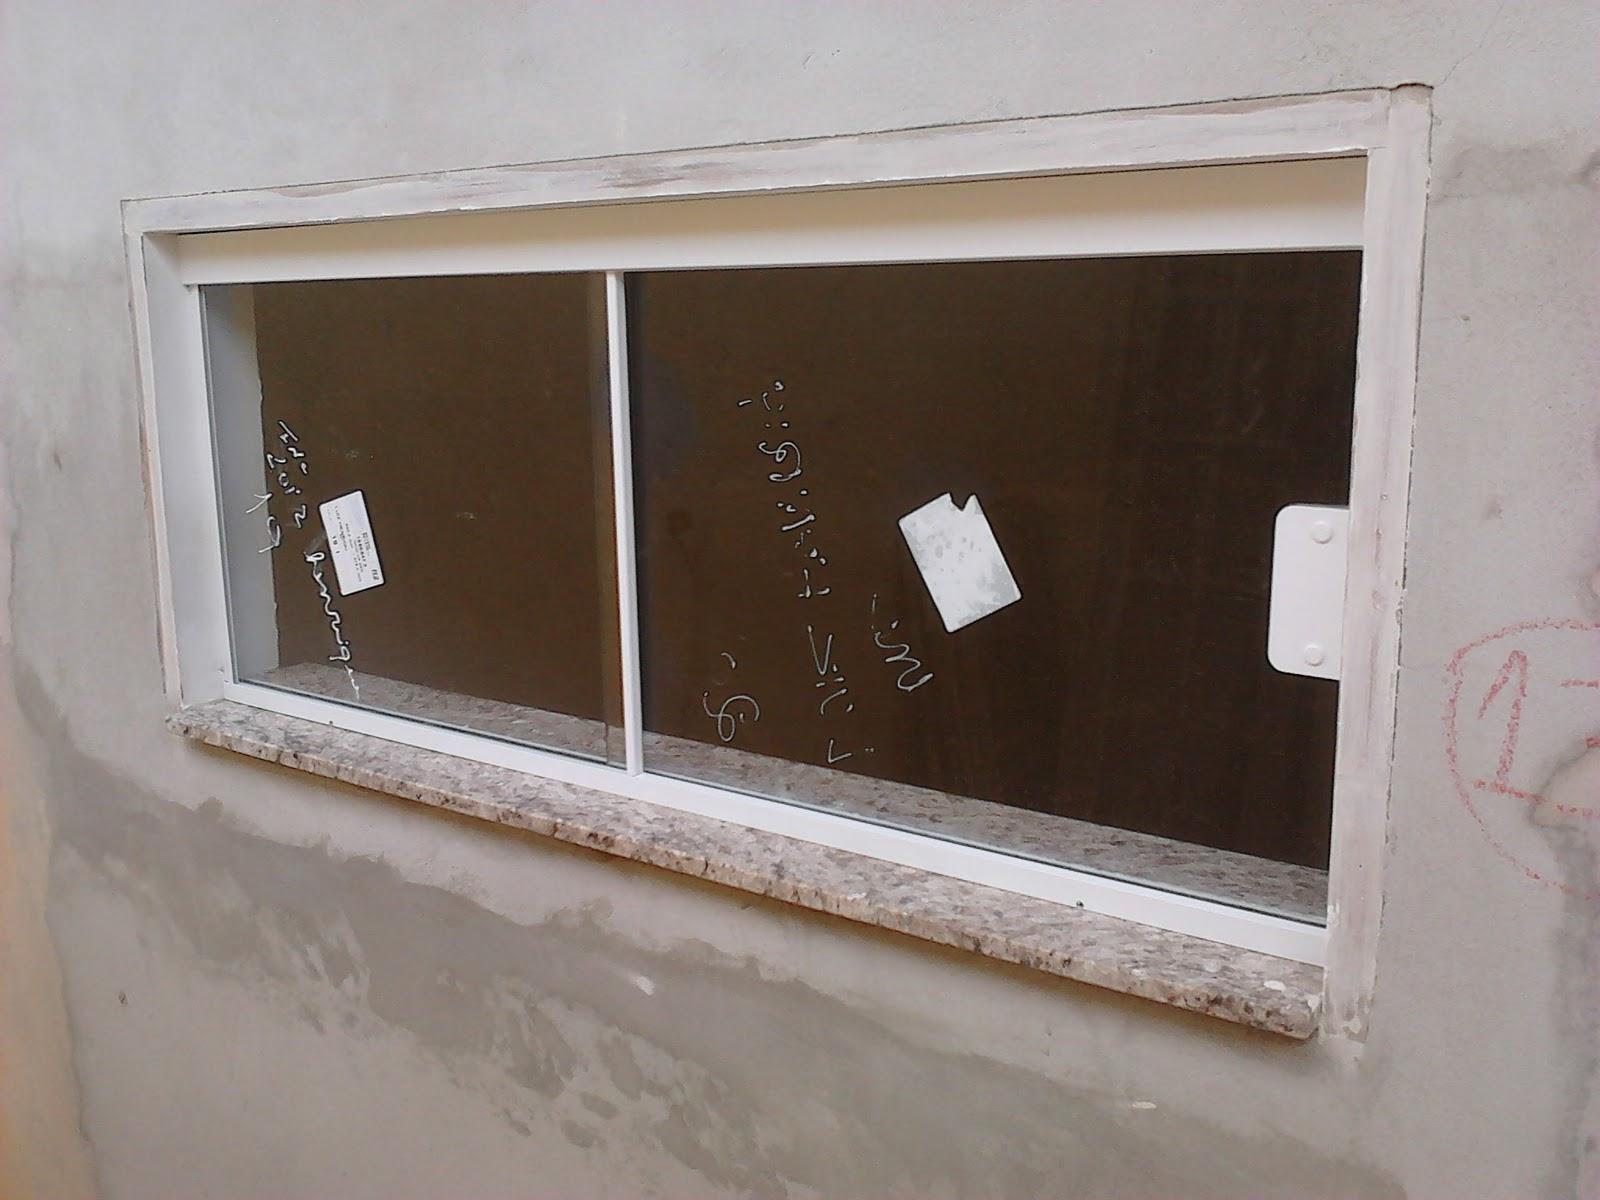 #3B2A1D Janela com vidro 08mm Incolor de 02 folhas (01 fixo e 01 de correr) 290 Janelas De Vidro Sao Luis Ma